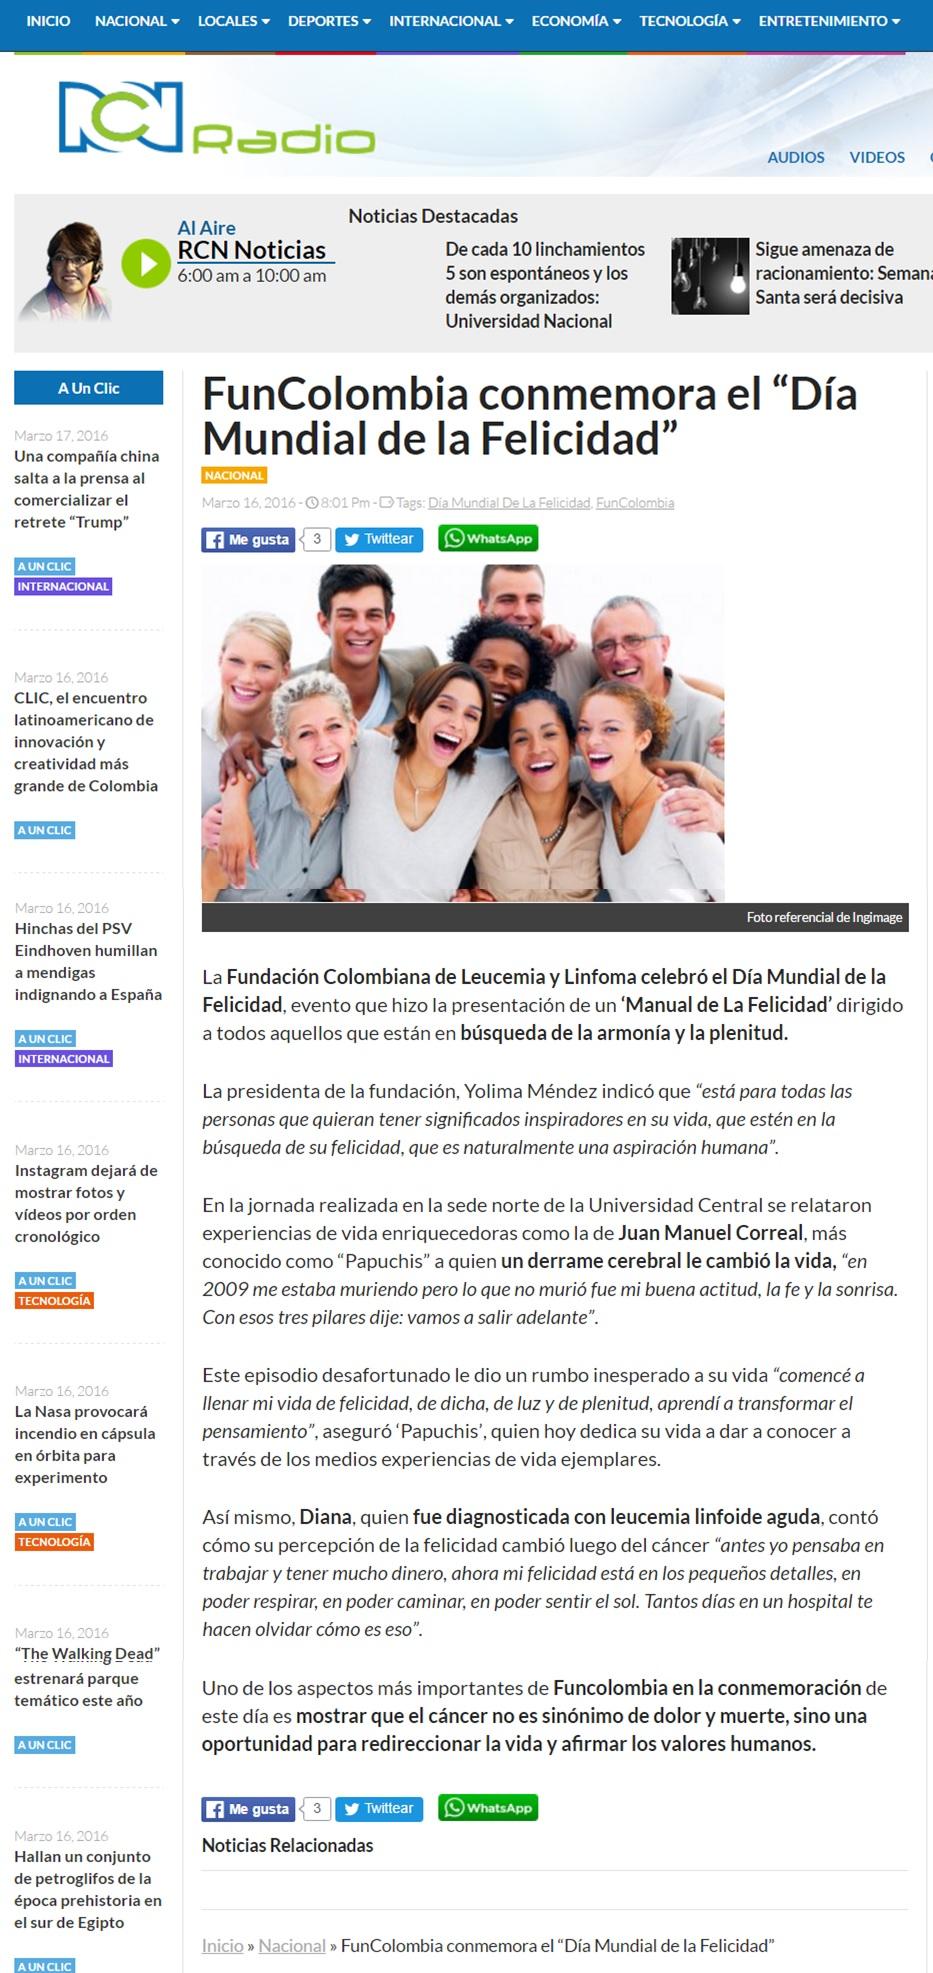 RCN Radio 16 de Marzo [web]